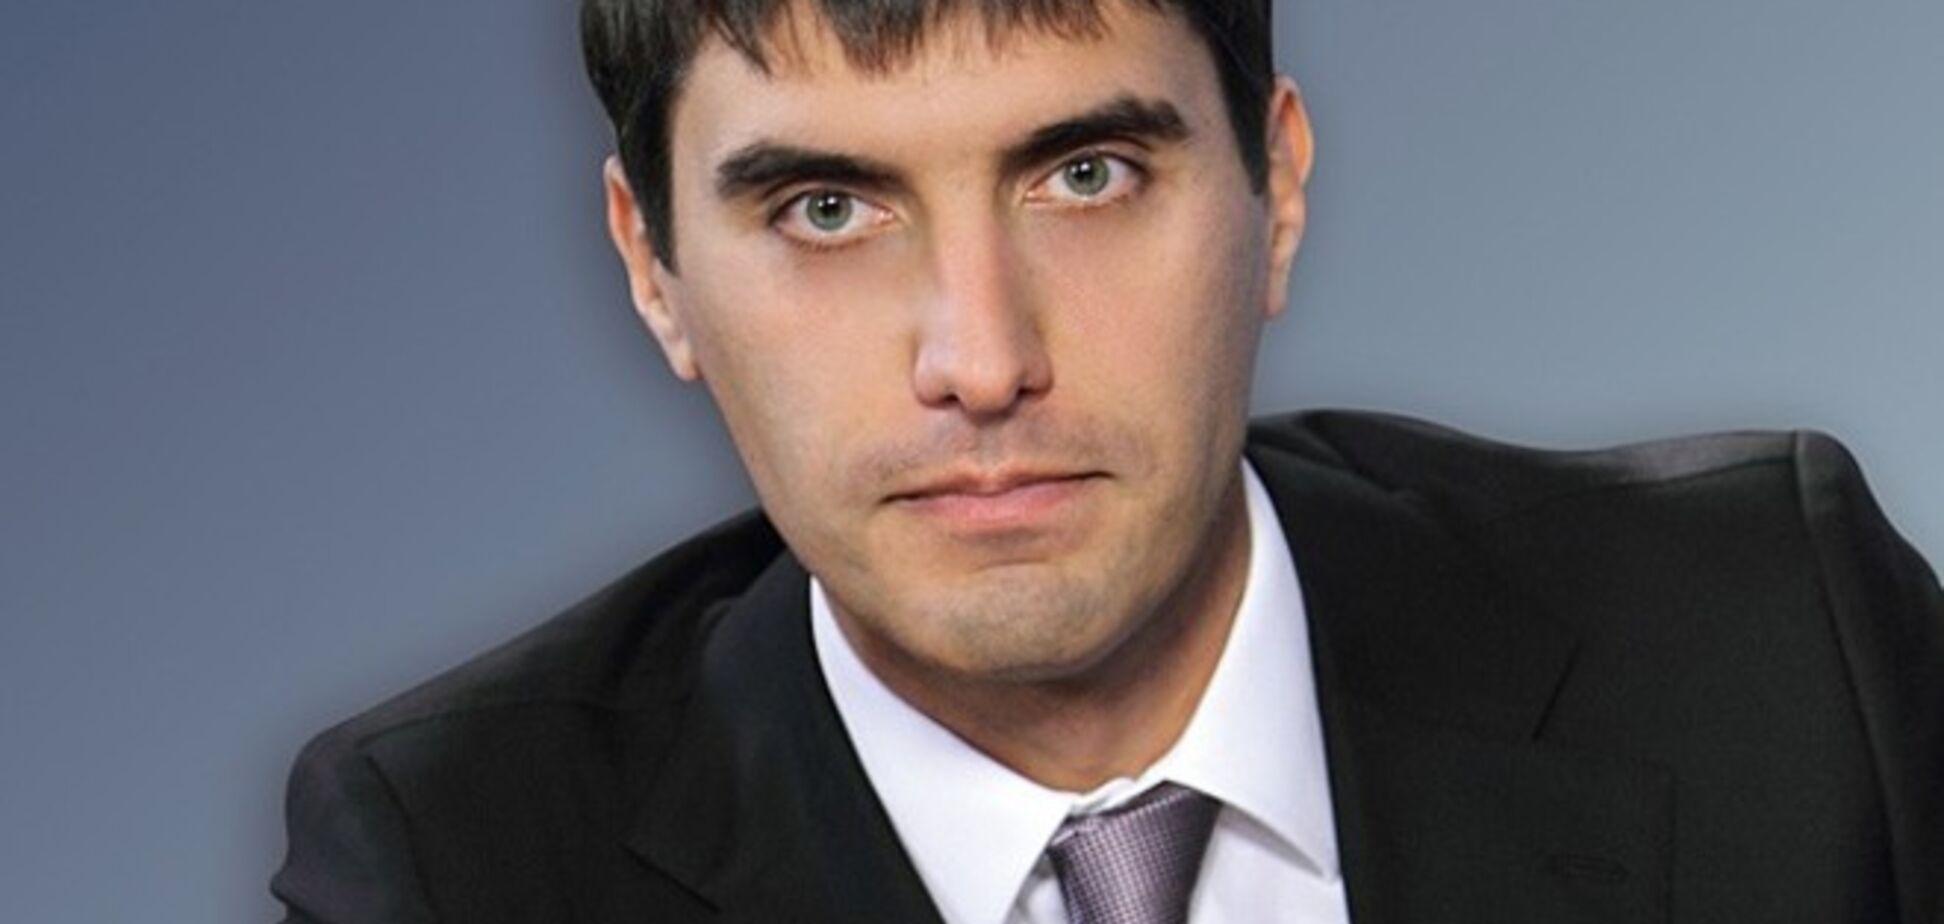 Помощница Левченко утверждает, что с ним все в порядке